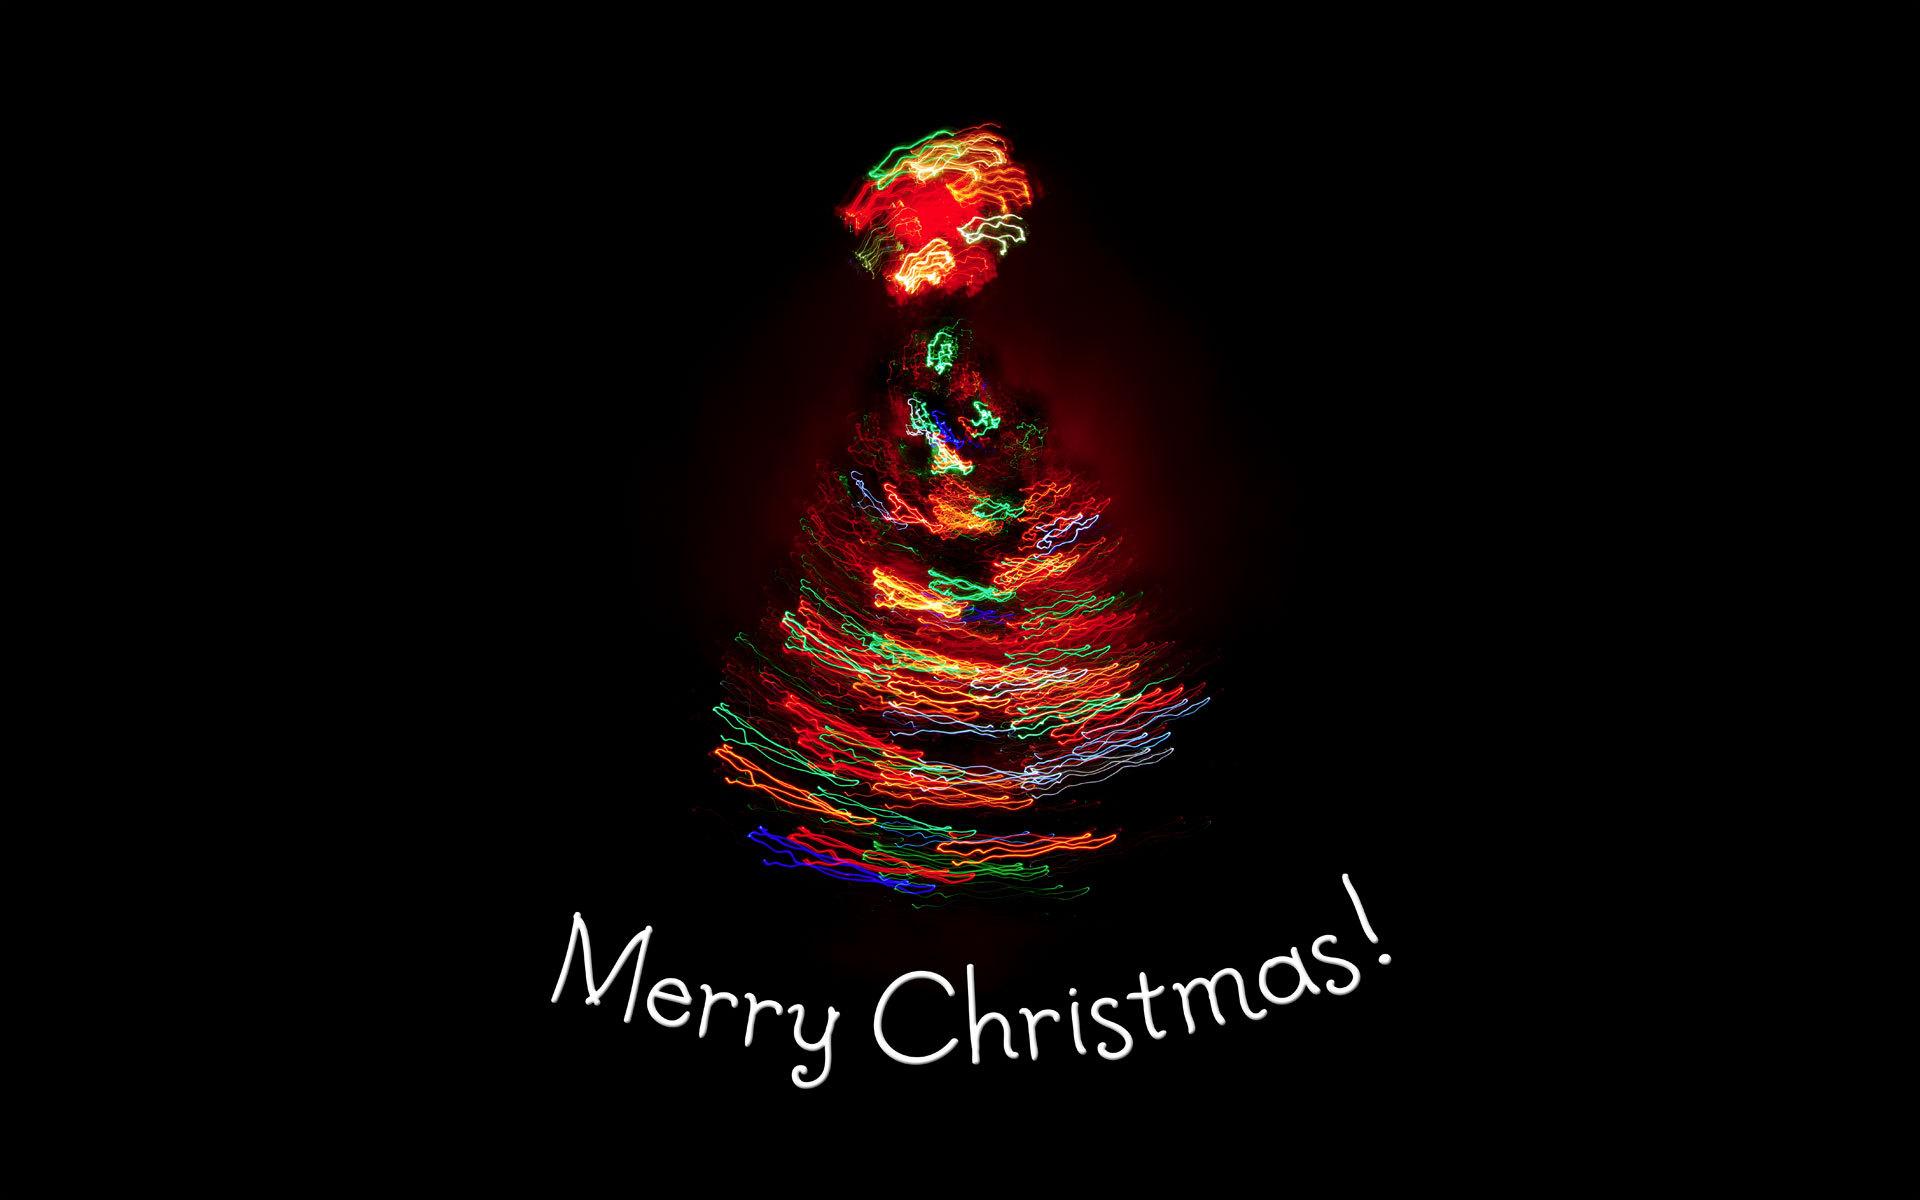 vrolijke kerstdagen 2018